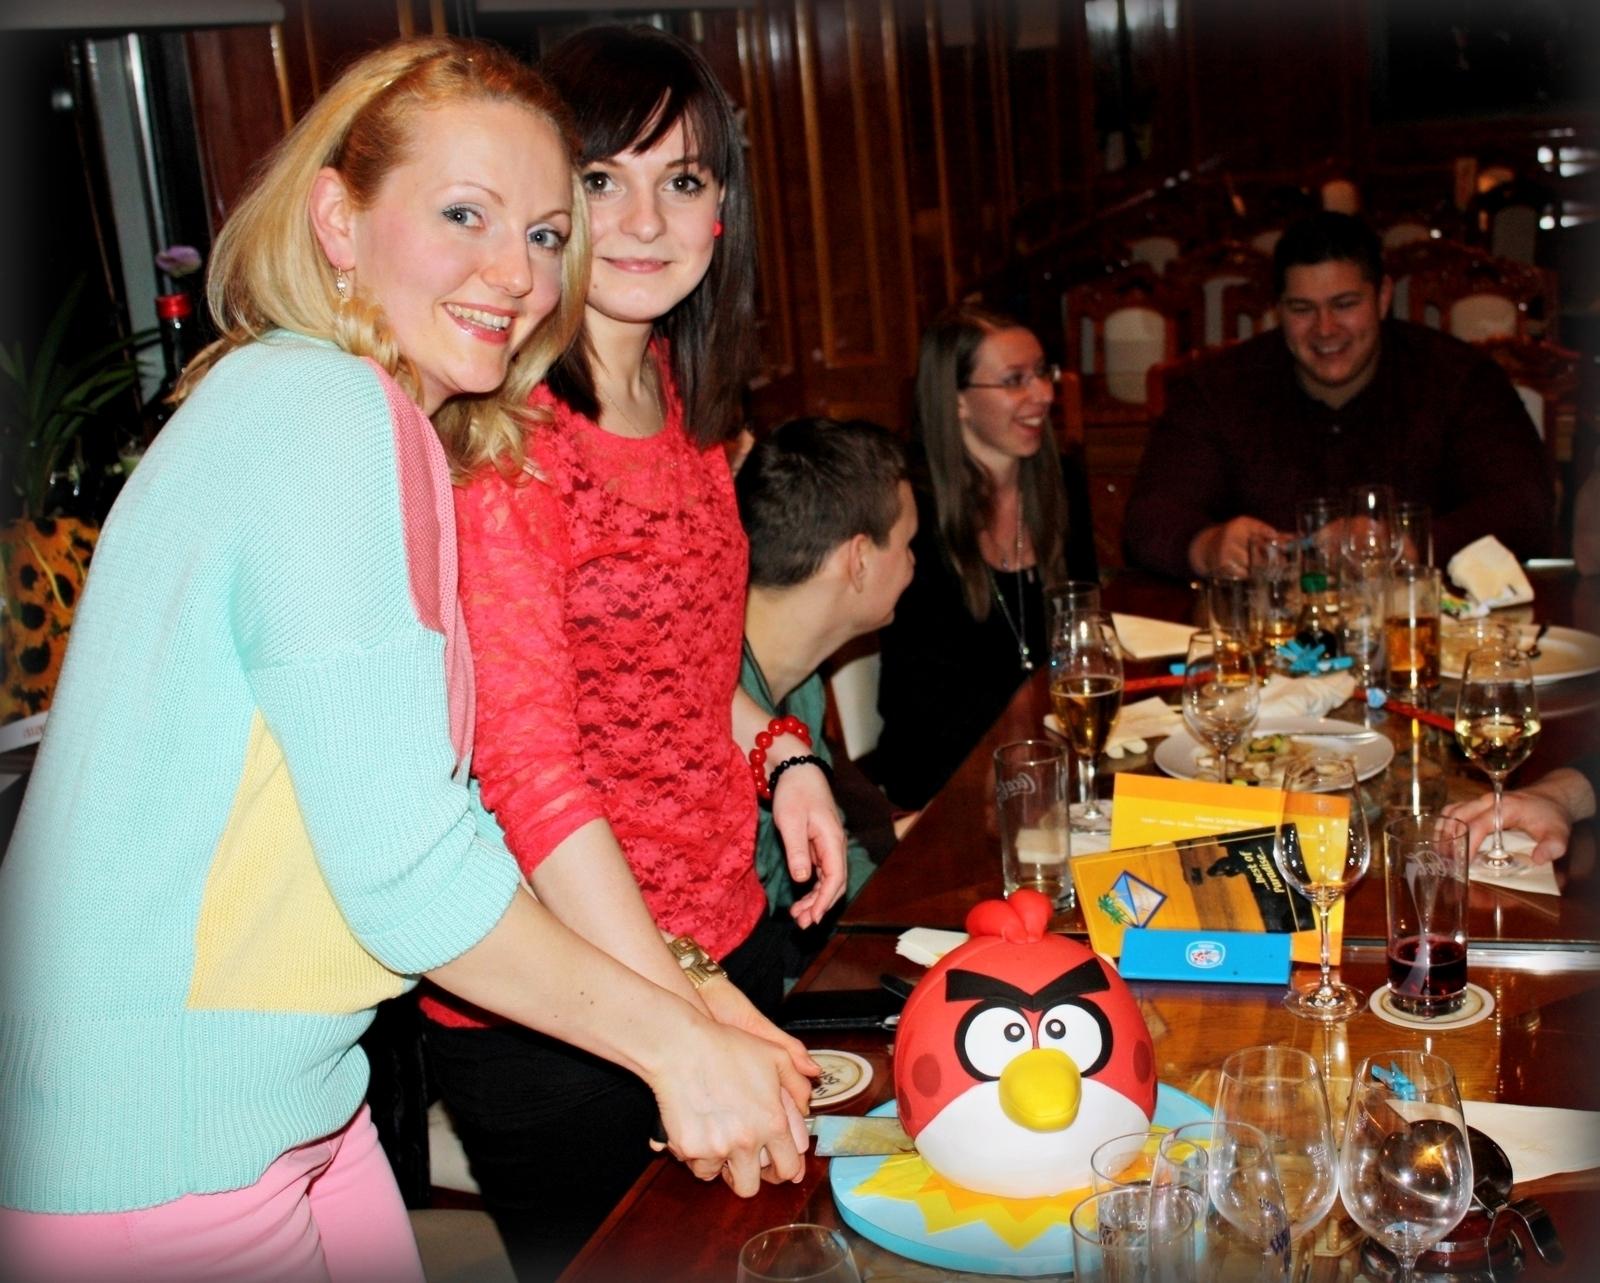 Птичка 30 06 2012 19 23 именно этот торт так